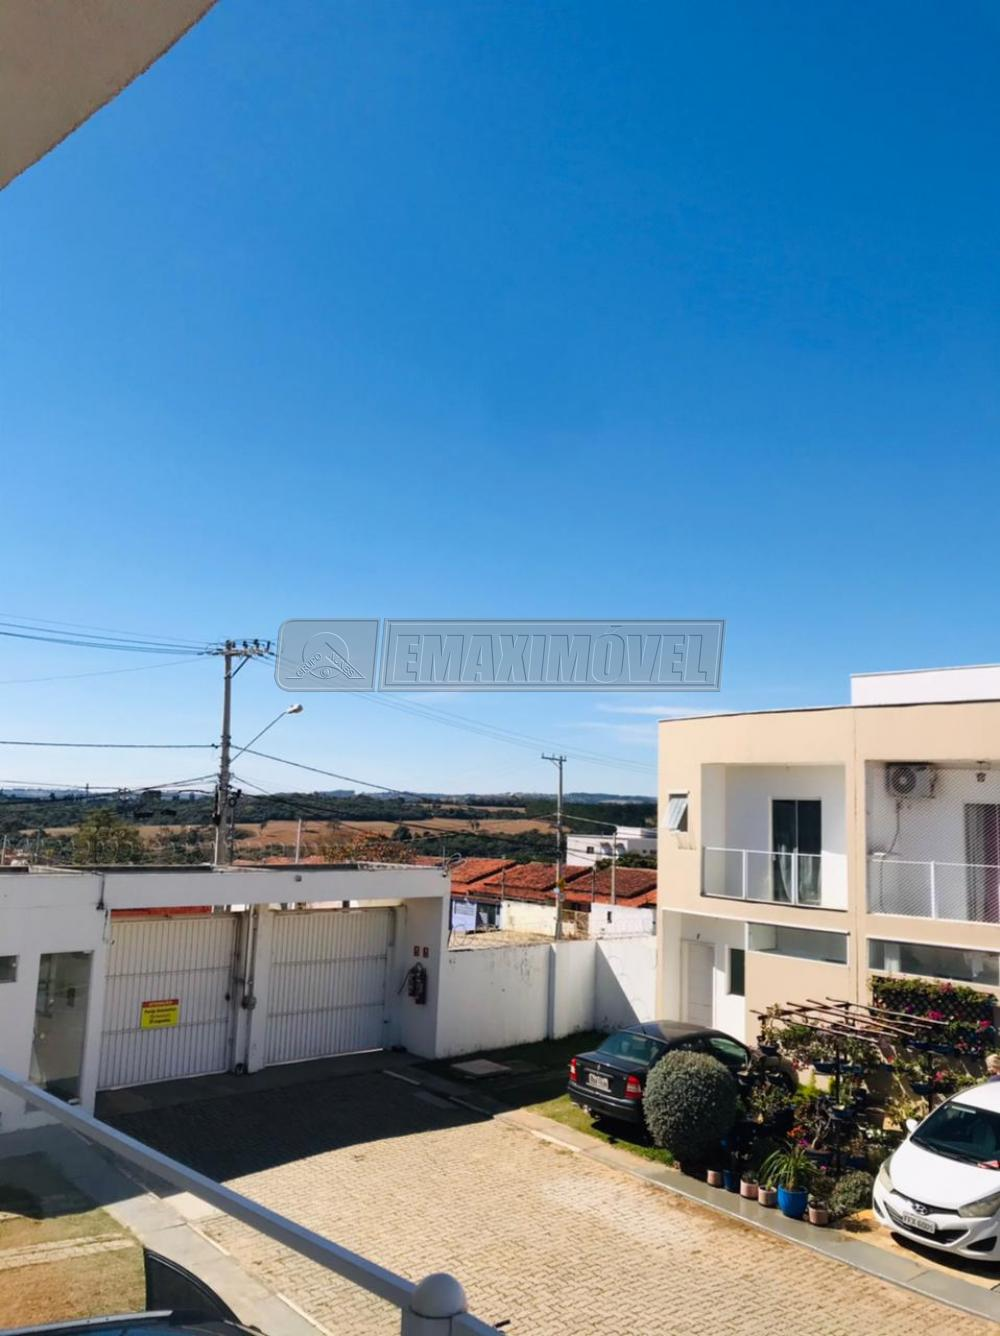 Comprar Casa / em Condomínios em Sorocaba R$ 250.000,00 - Foto 12